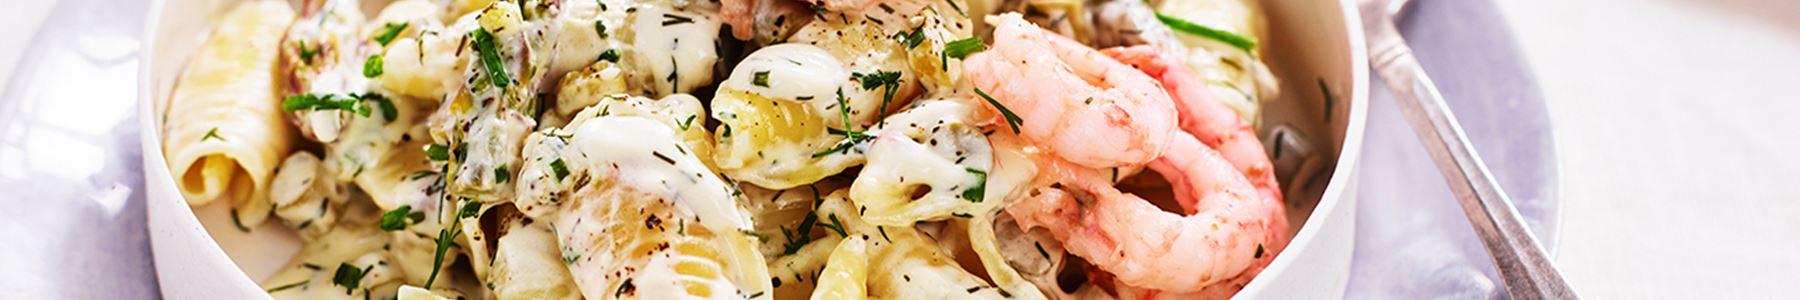 GI-vänlig mat med skaldjur